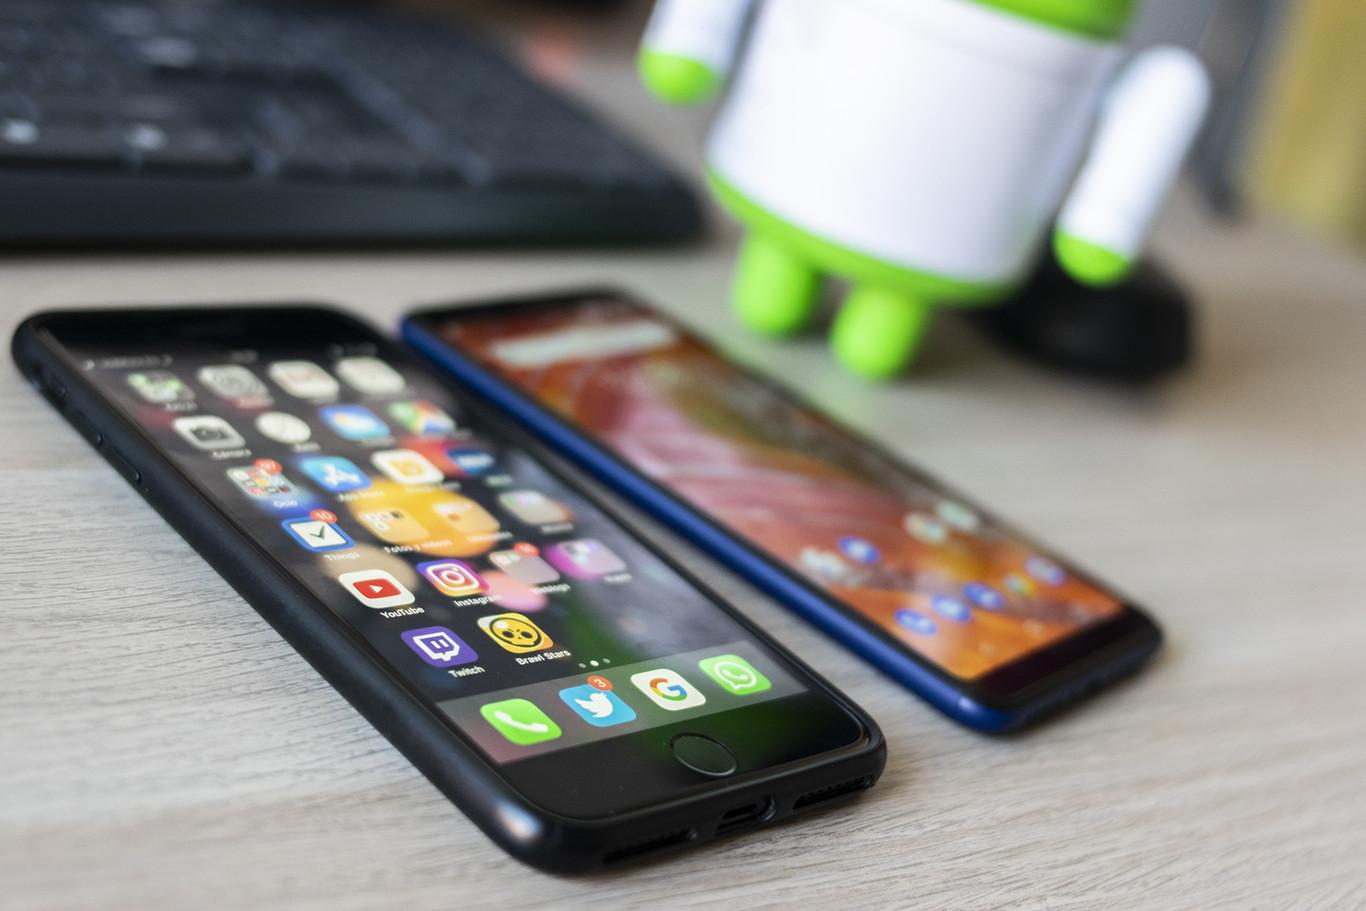 2f13a363860 Pasar de iPhone a Android: cómo transferir todos los datos y contactos a tu  nuevo móvil